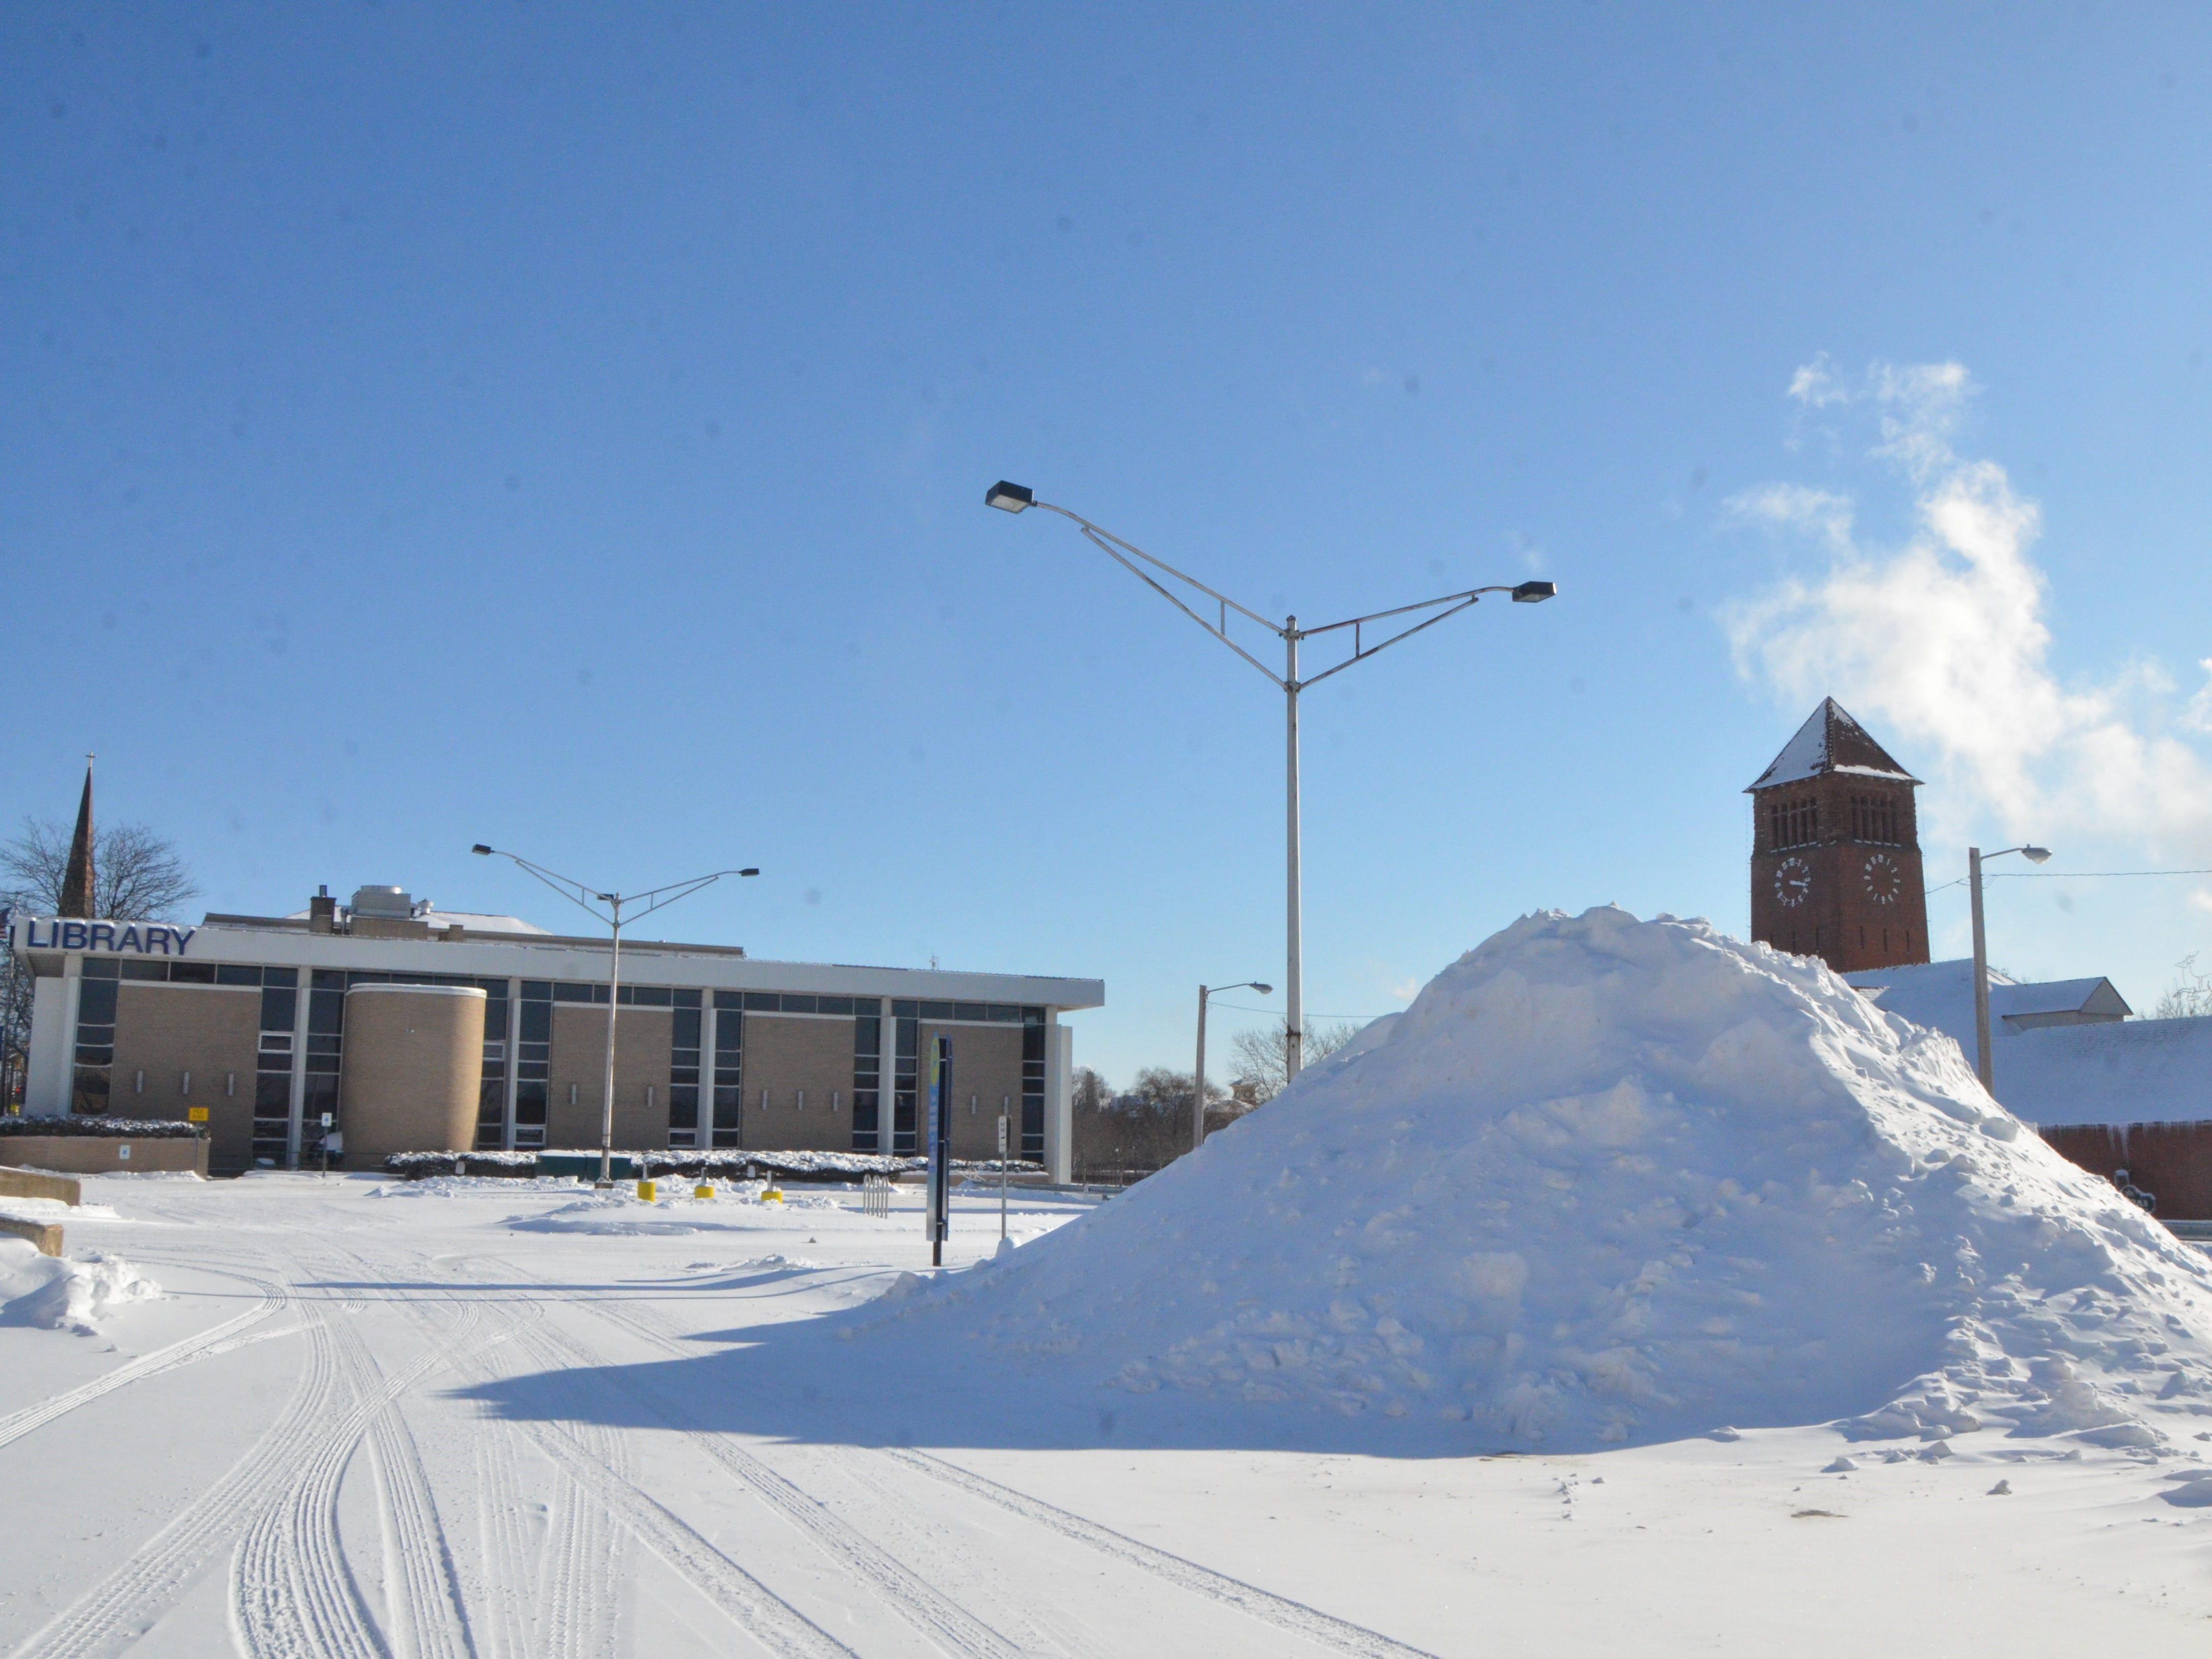 A 10-foot snowbank in the Van Buren Street Parking Lot in Battle Creek on Wednesday.